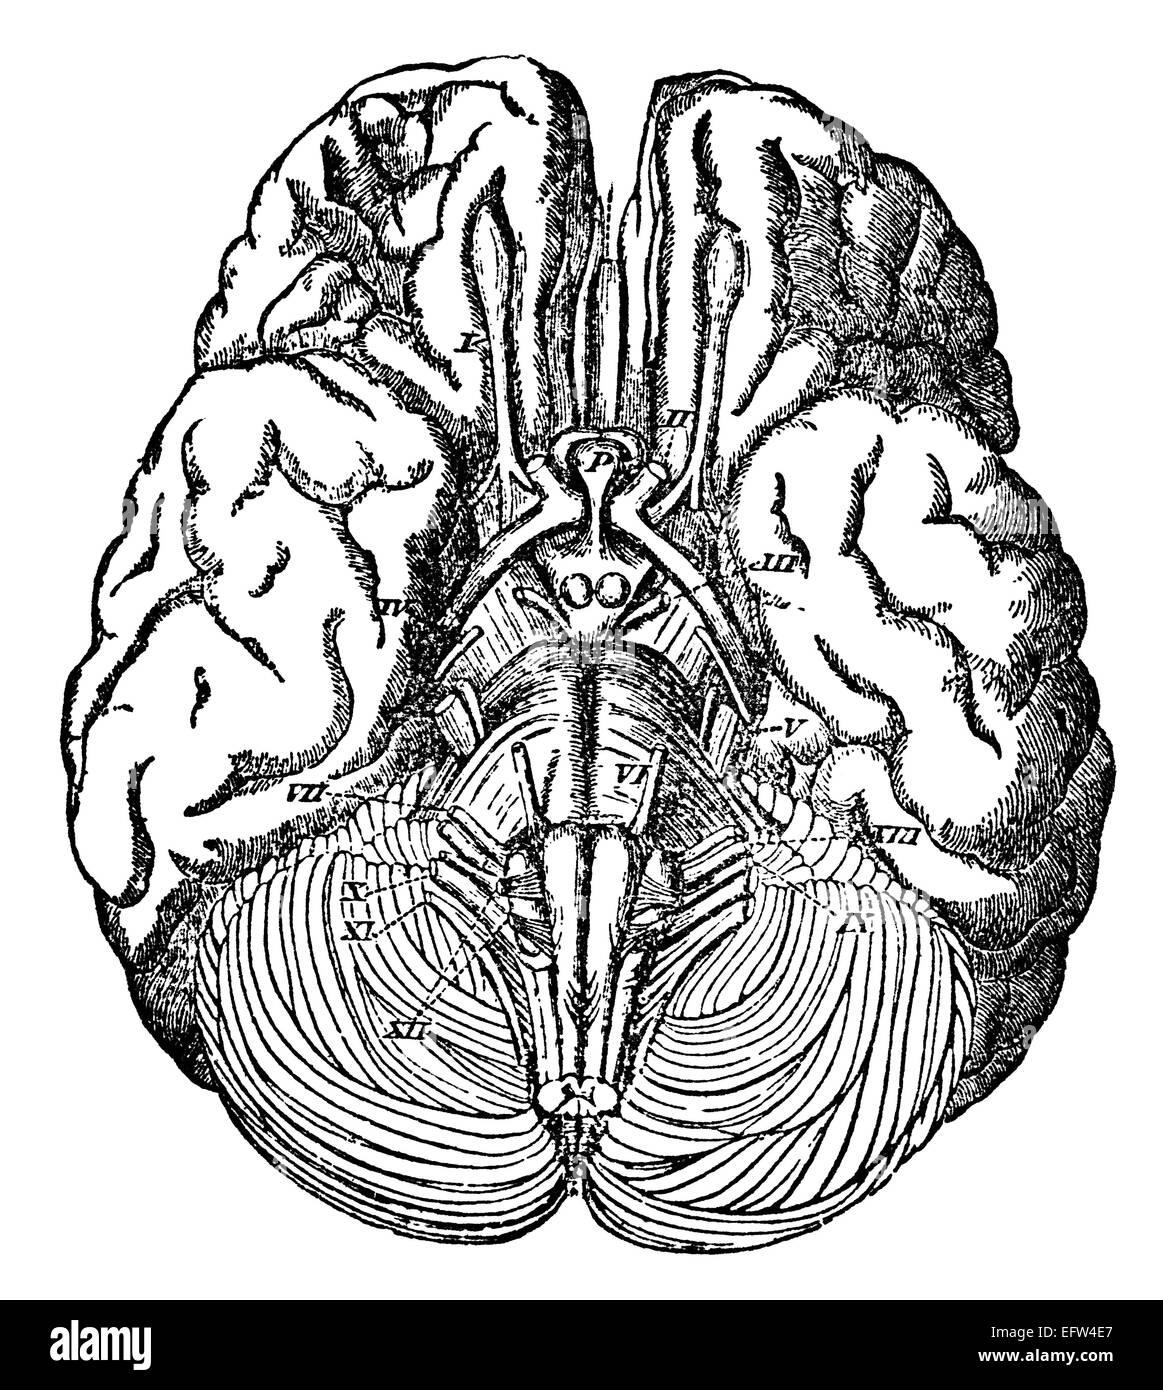 Ungewöhnlich Mitte Der Anatomie Des Gehirns Fotos - Menschliche ...